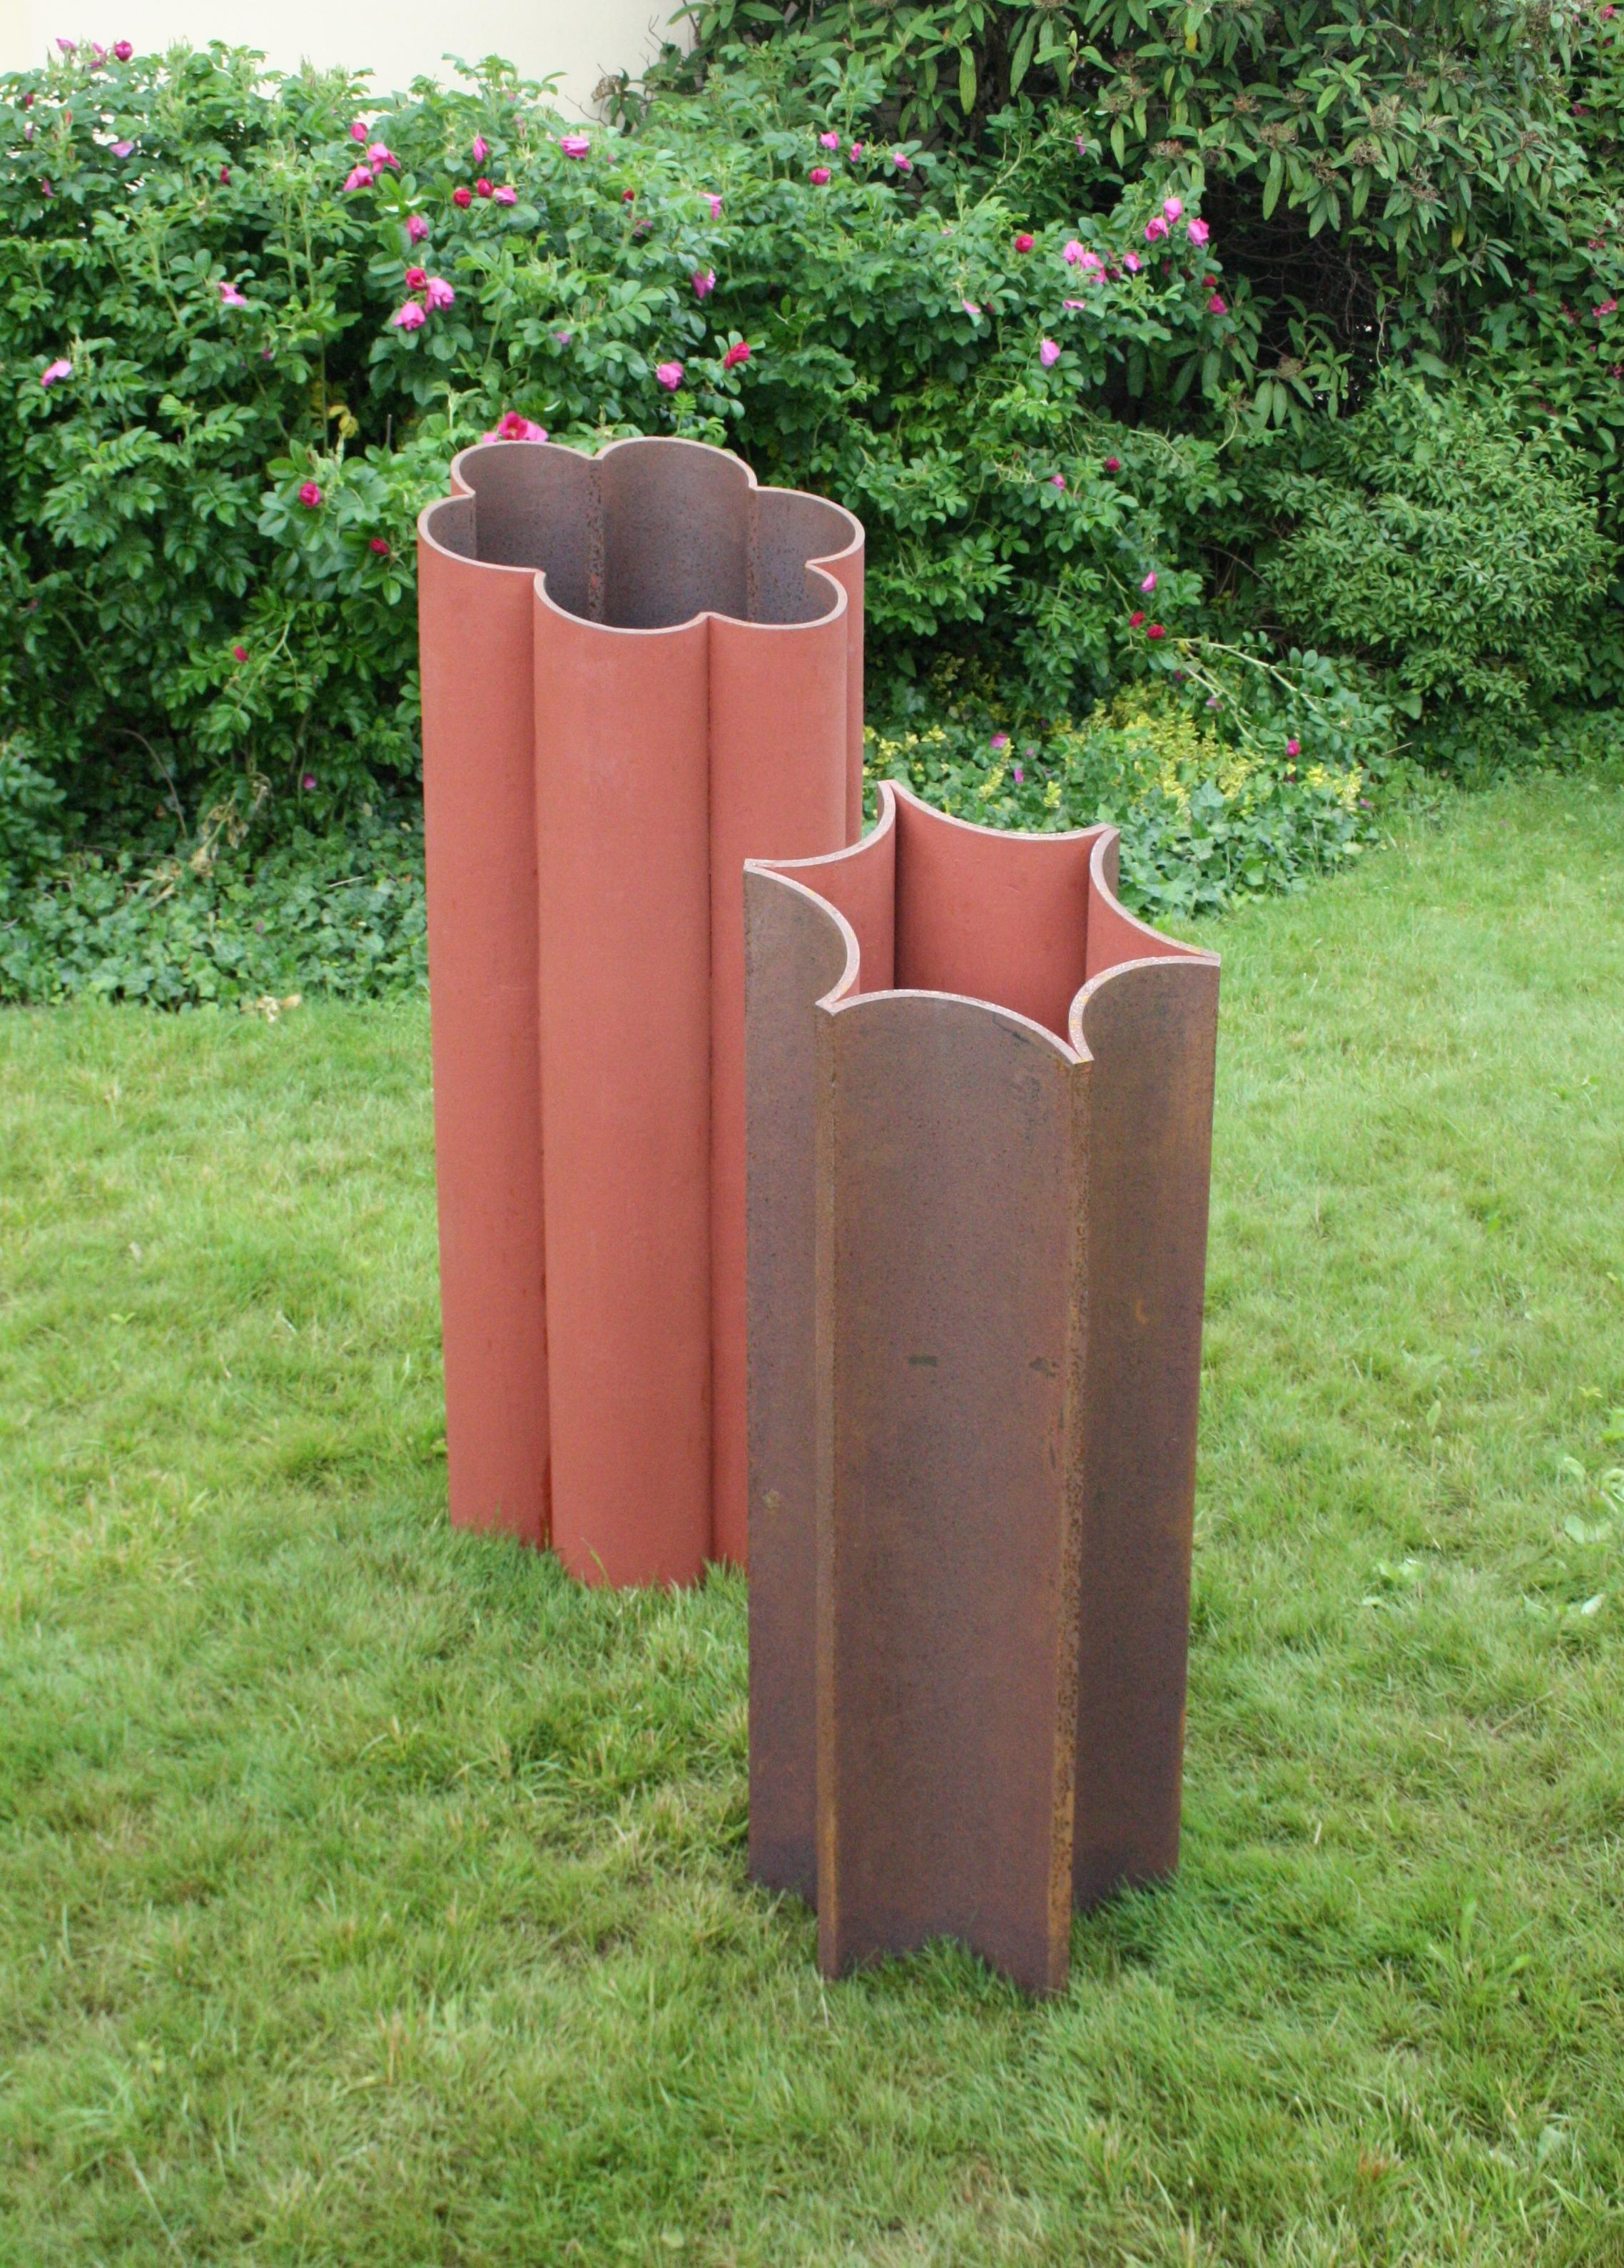 Čestmír Suška, Bábovka - pozitiv, 2012, 130 cm, ocel  Čestmír Suška, Bábovka – negativ, 2012, 110 cm, ocel